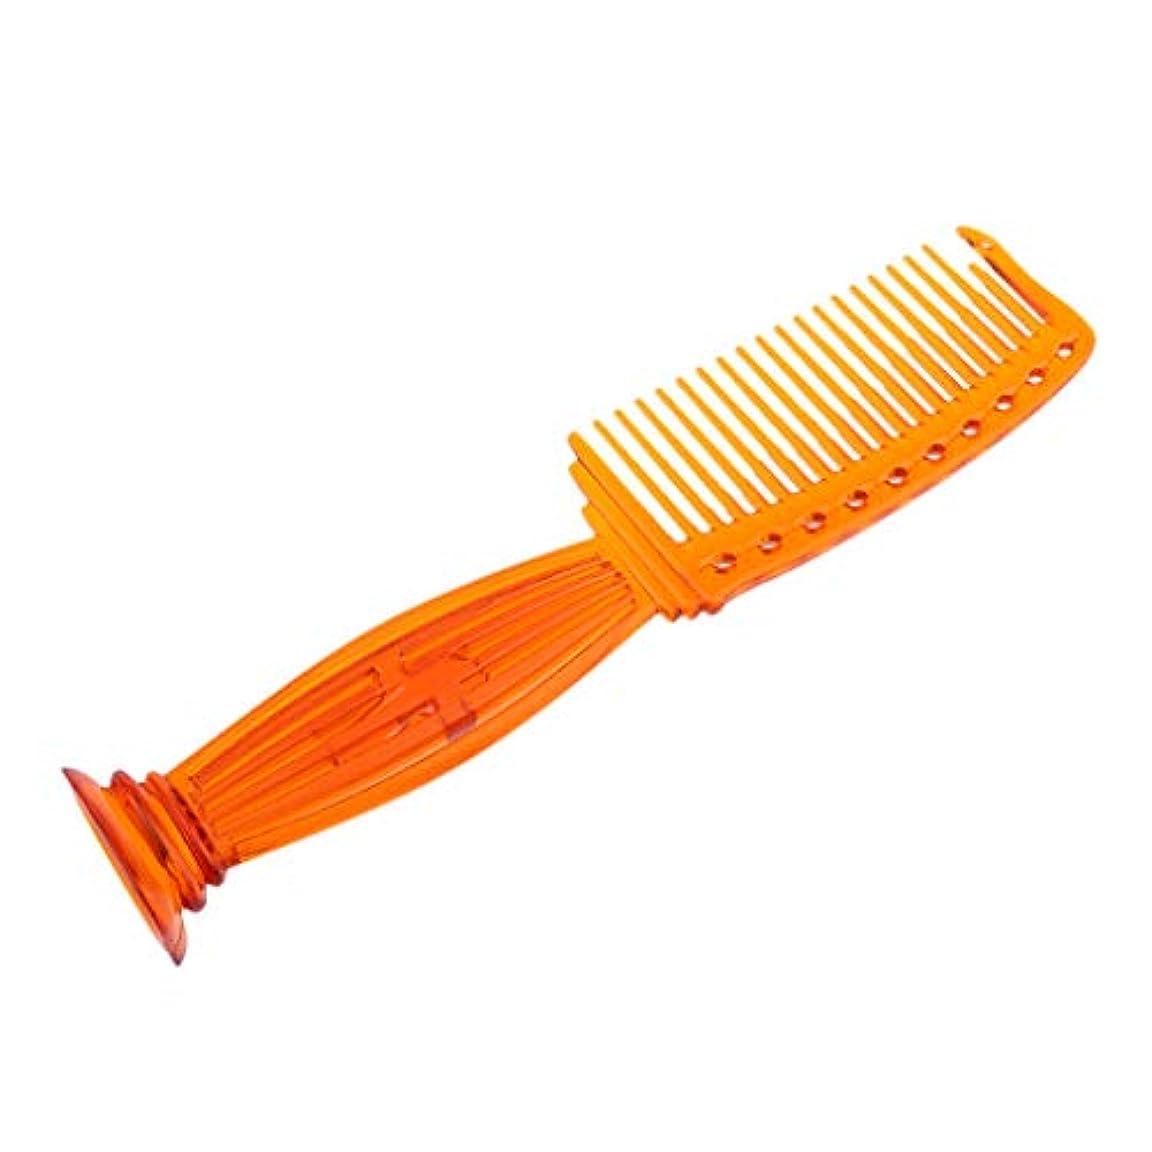 ストレージ数学者ボットヘアコーム ヘアブラシ プラスチック櫛 ワイド歯 プロ ヘアサロン 理髪師 全5色選べ - オレンジ